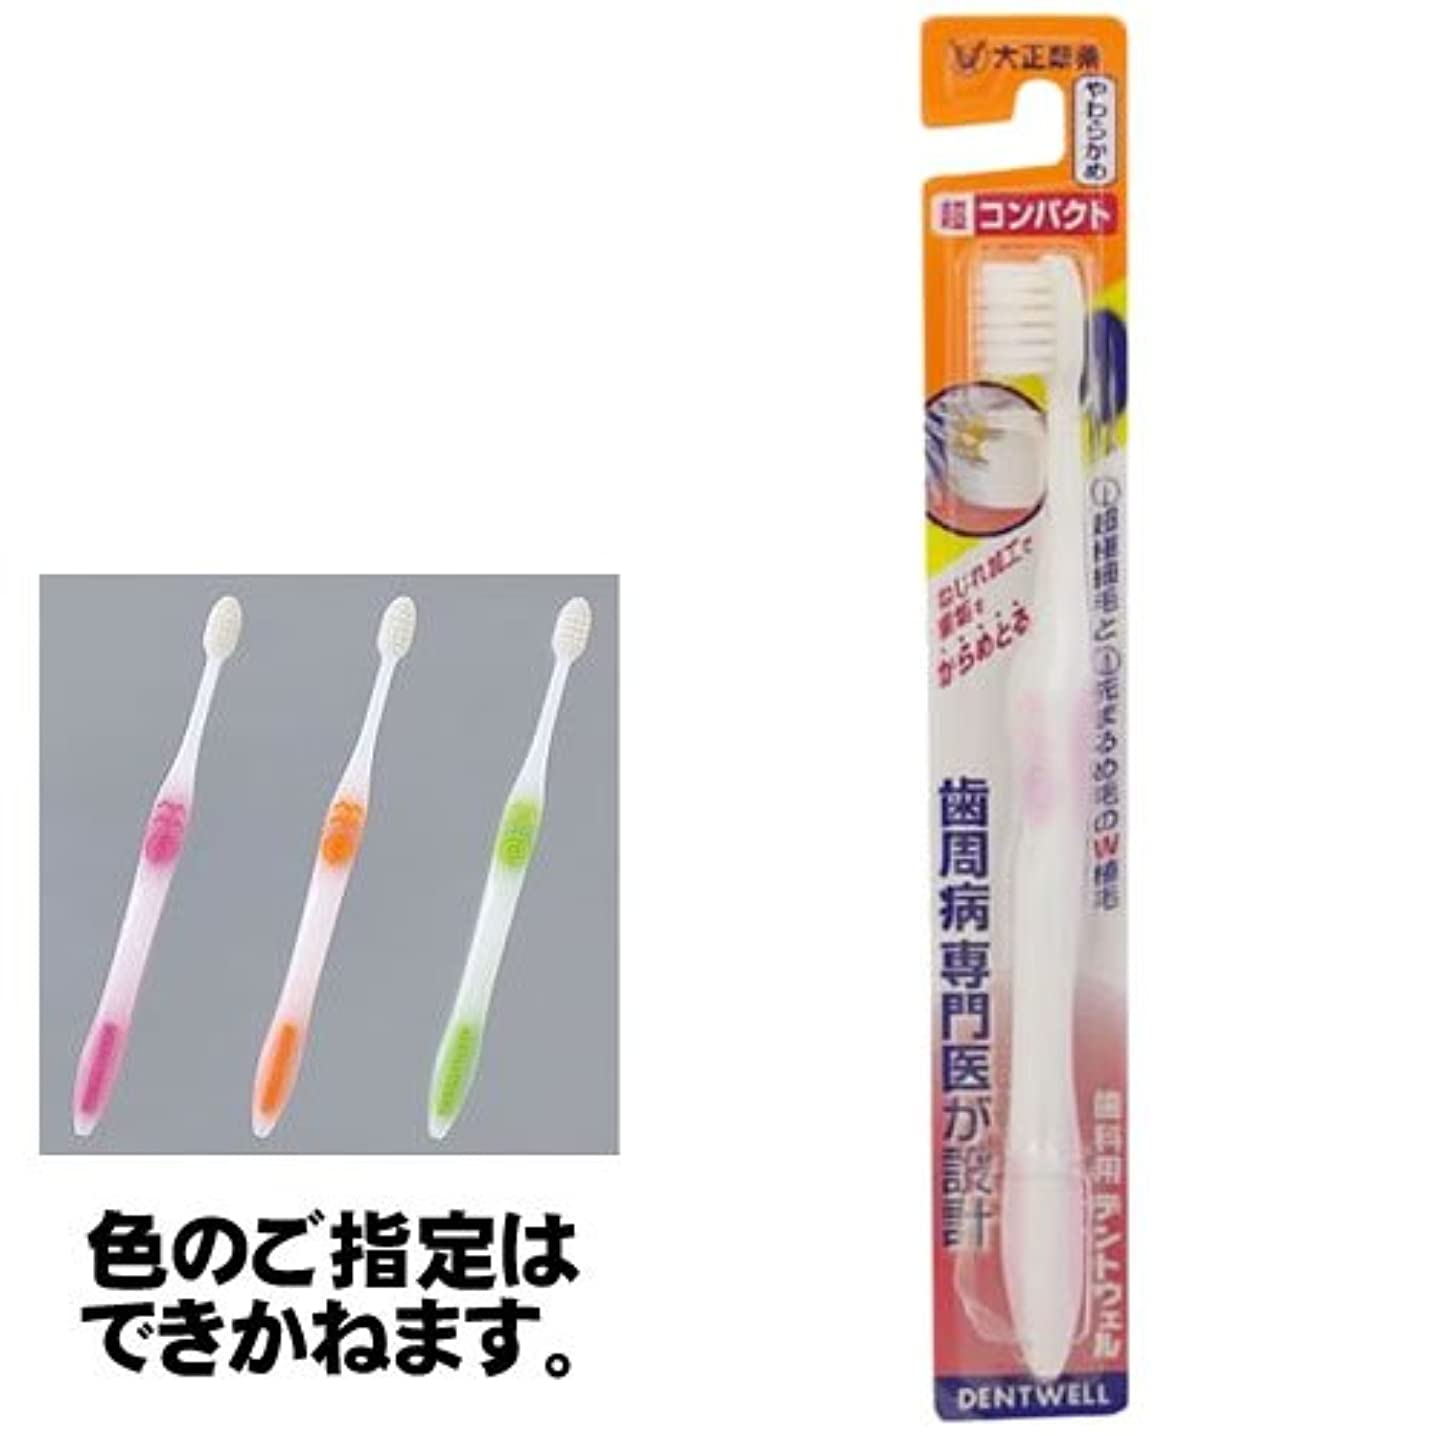 〔大正製薬〕歯科用デントウェル歯ブラシ 超コンパクト やわらかめ×12個セット